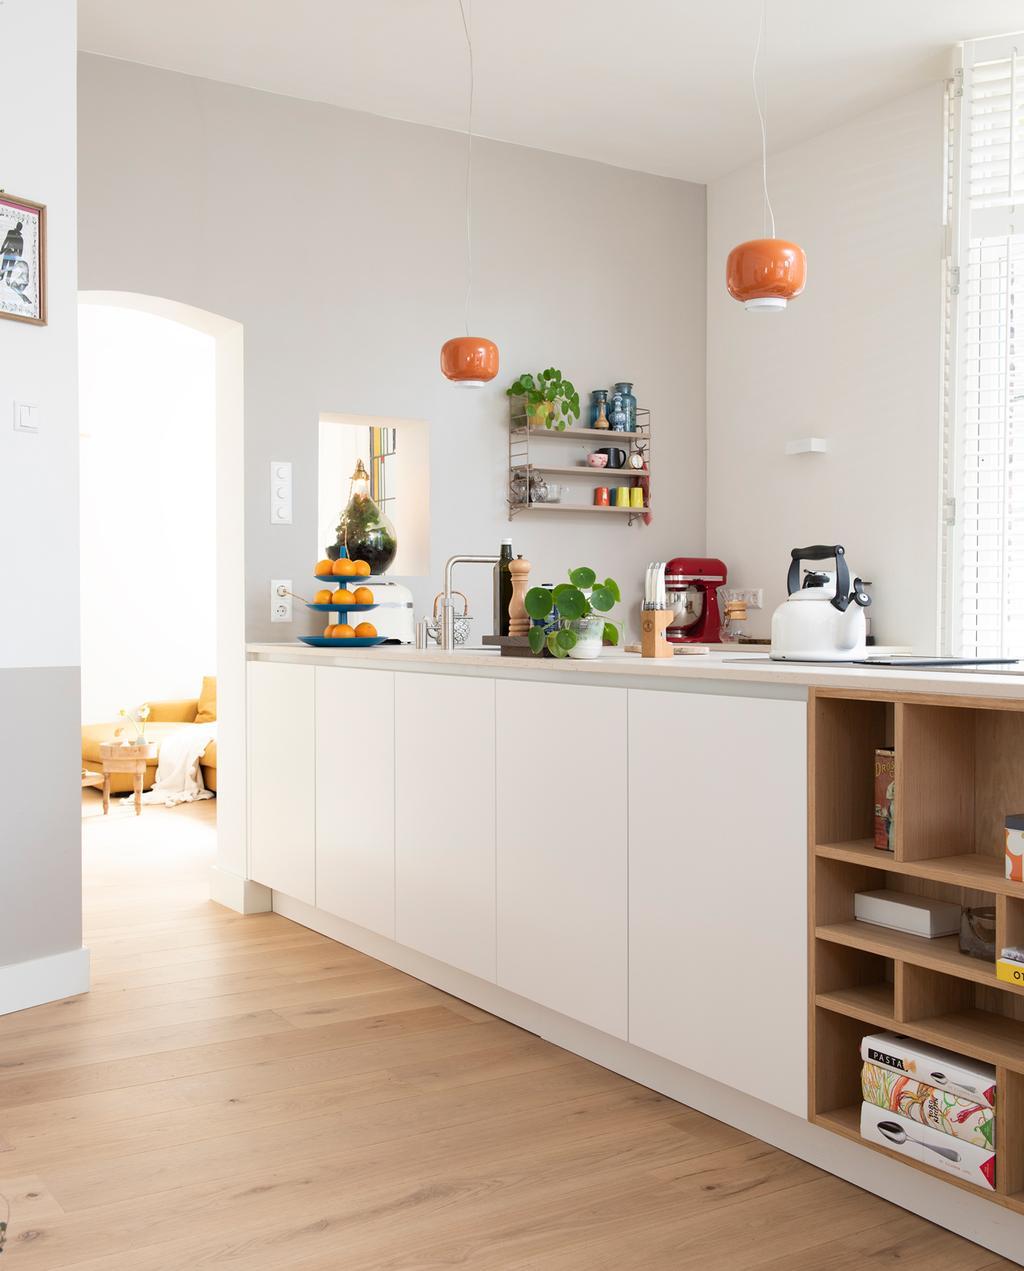 vtwonen 2-2020 | Binnenkijken in arbeidershuisjes in Utrecht keuken